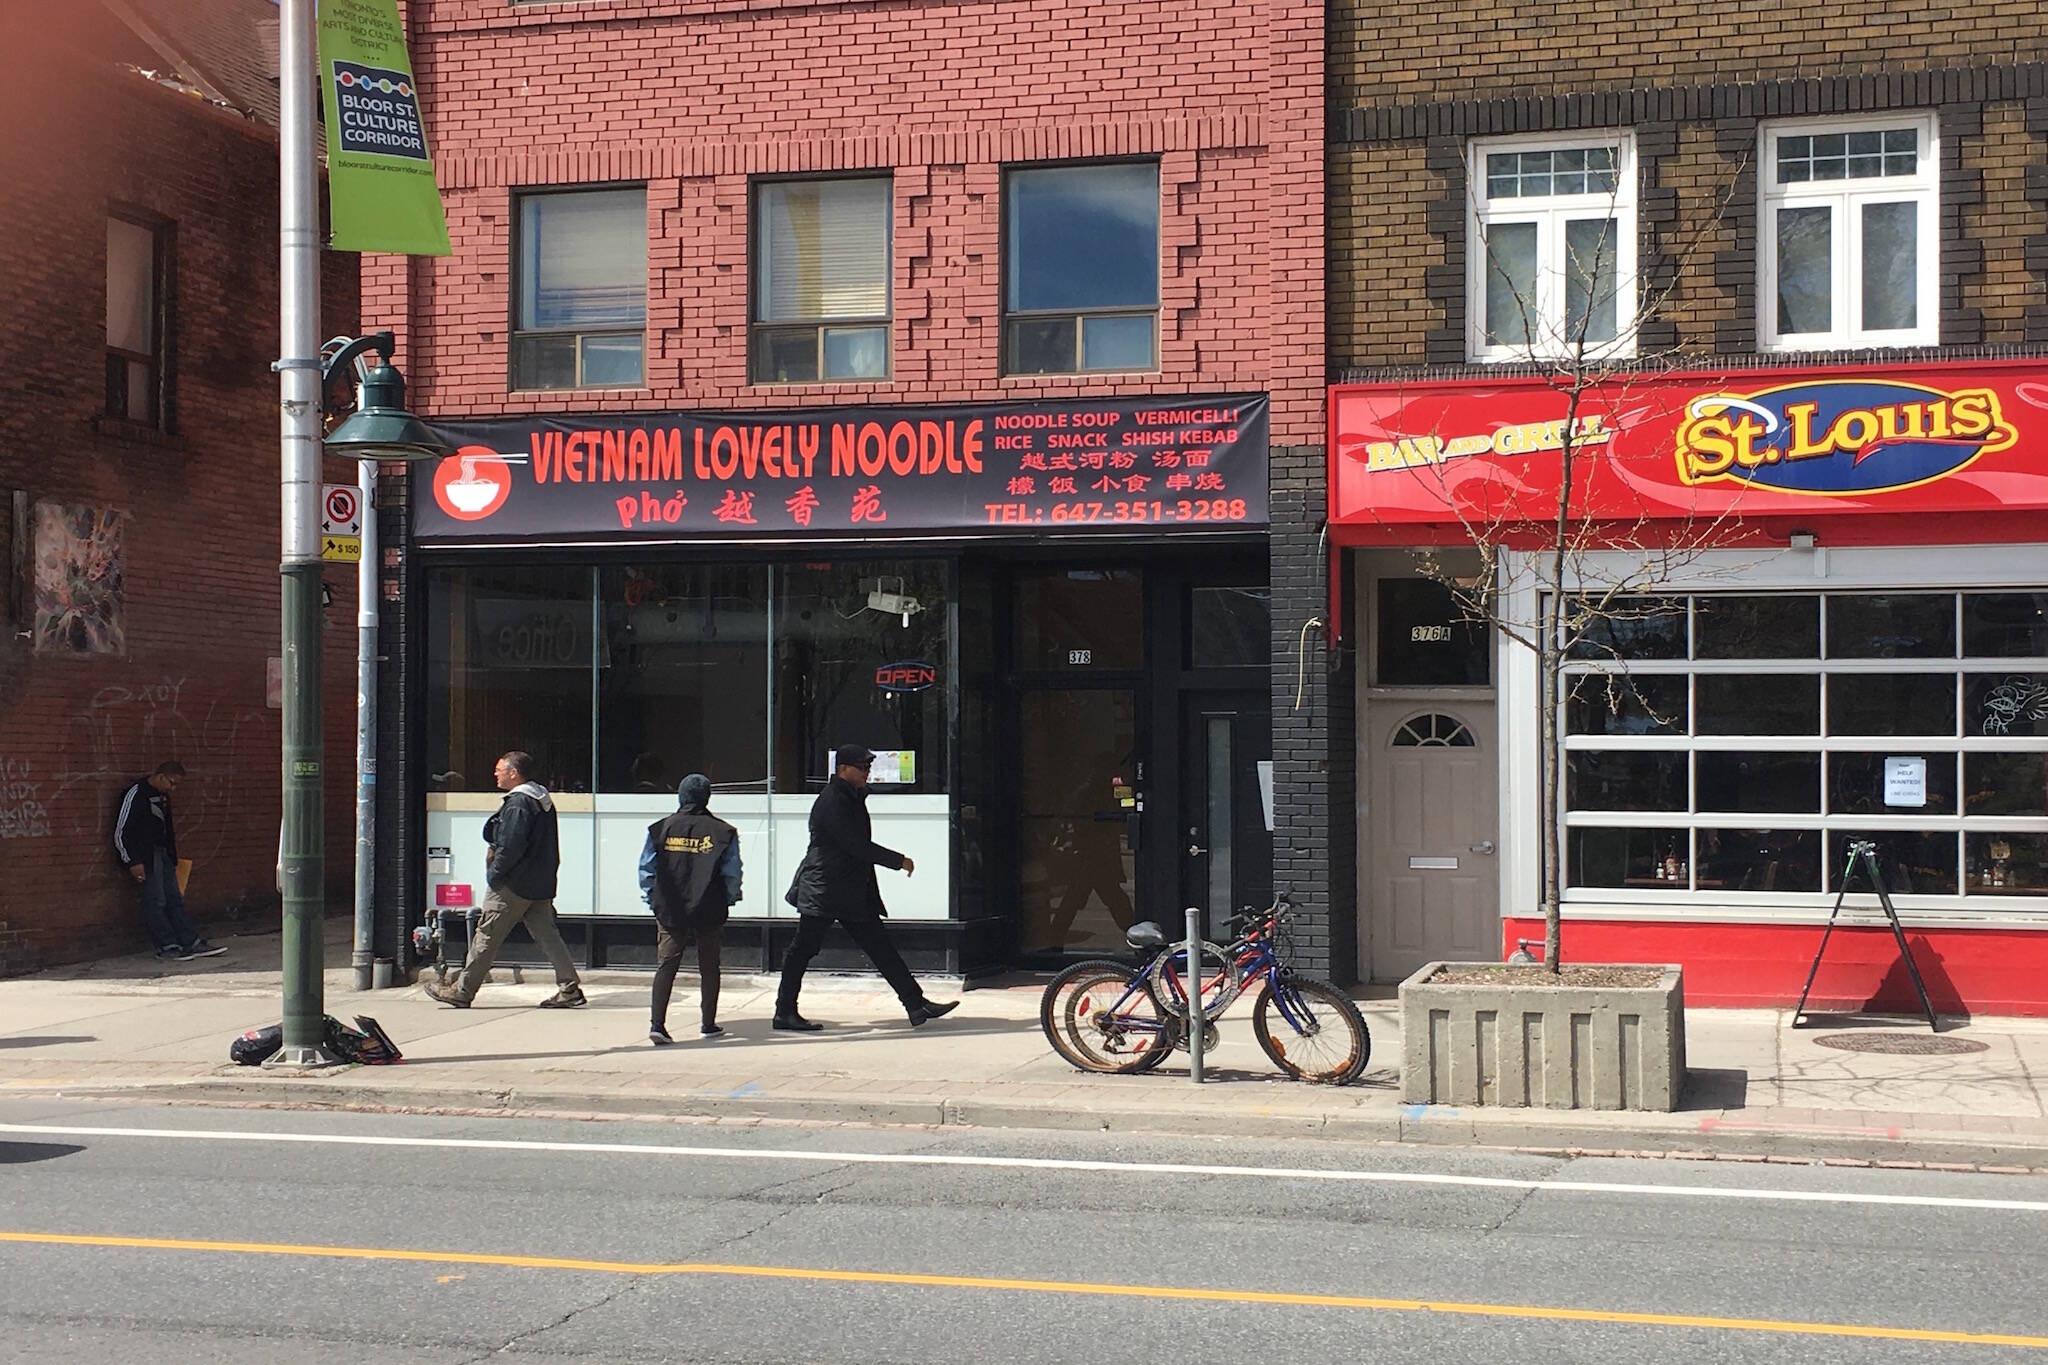 Vietnam Lovely Noodle Toronto